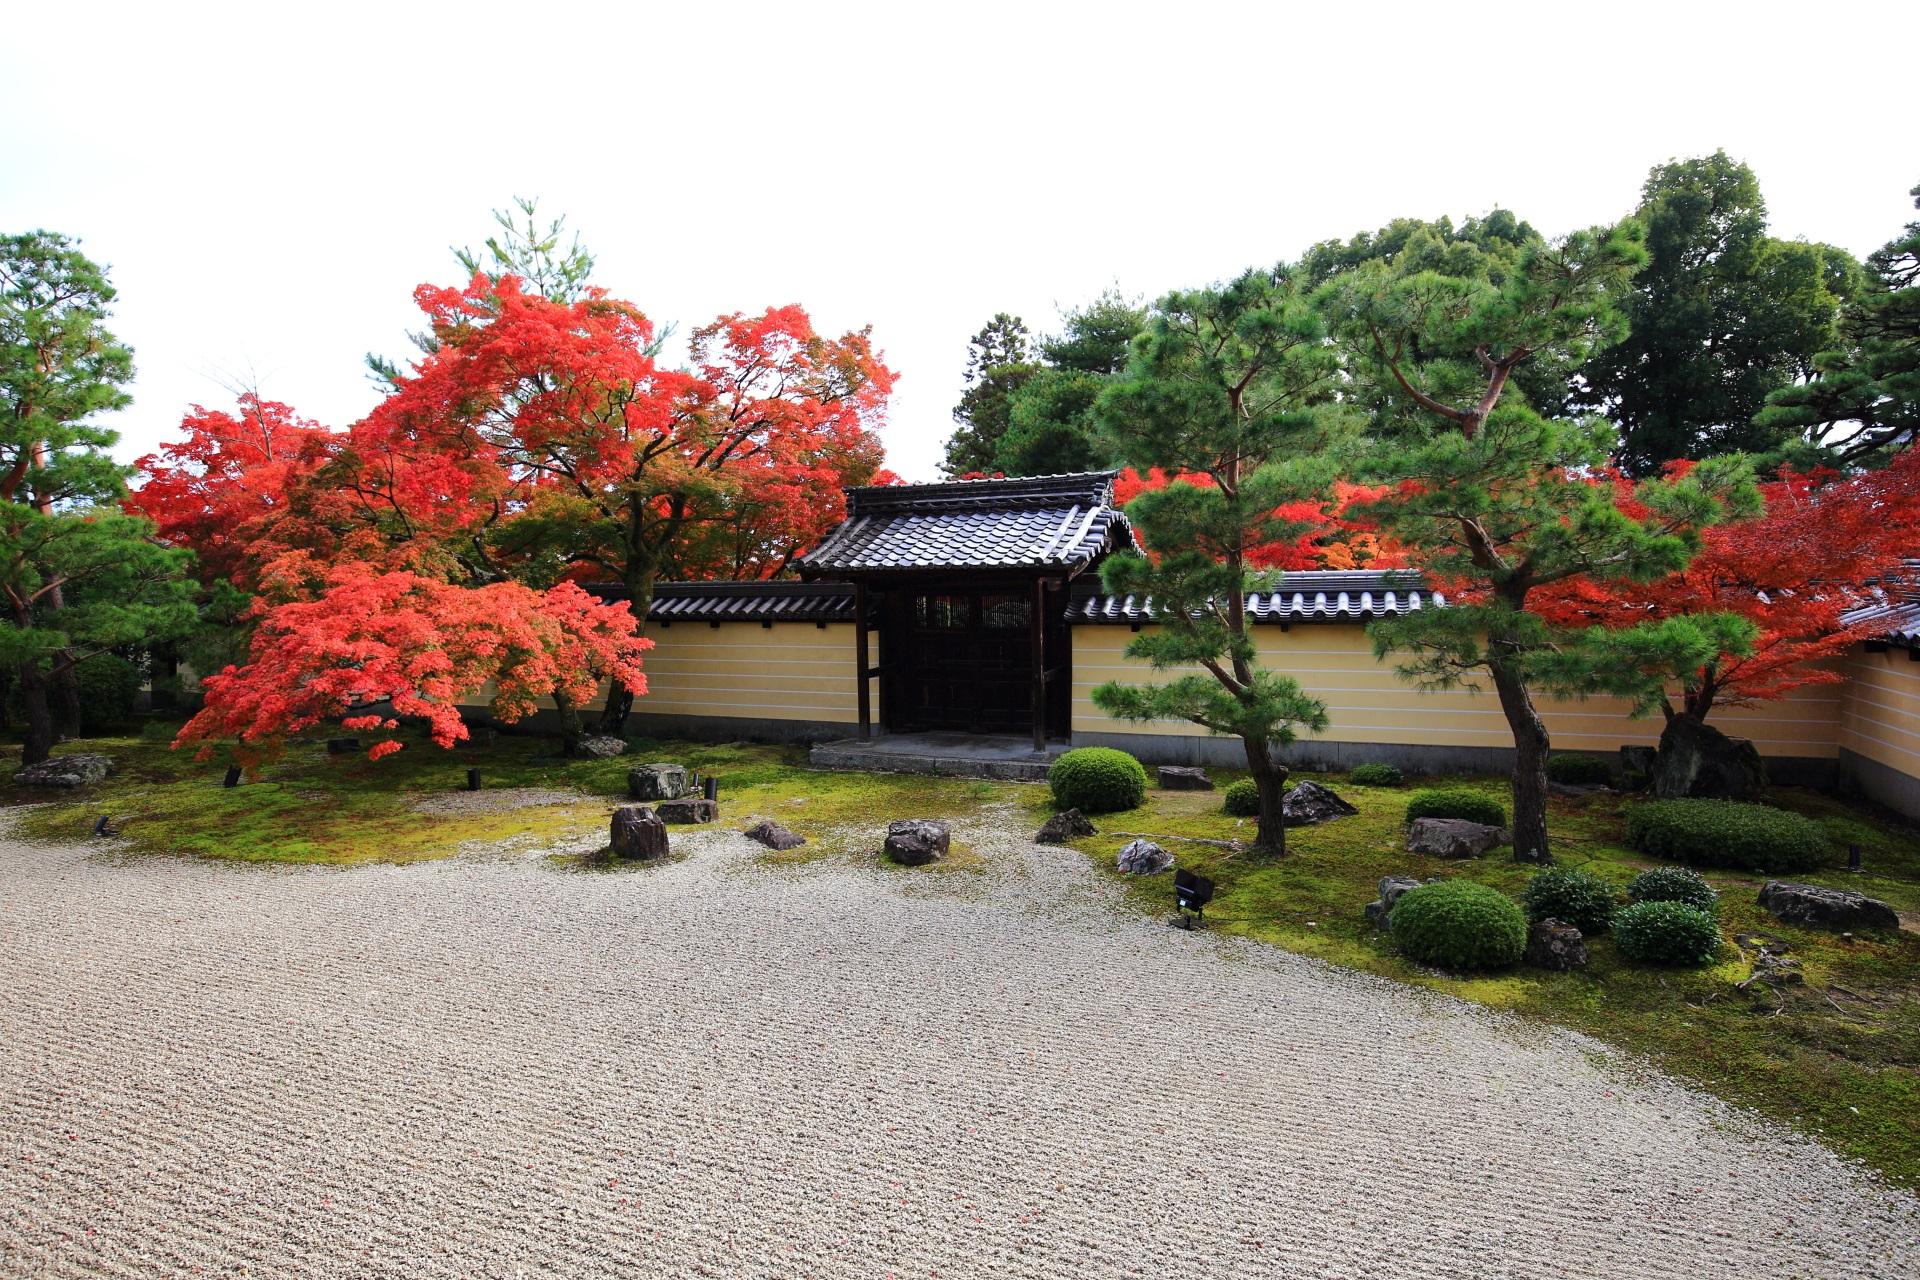 等持院の方丈前庭園(方丈南庭)の紅葉